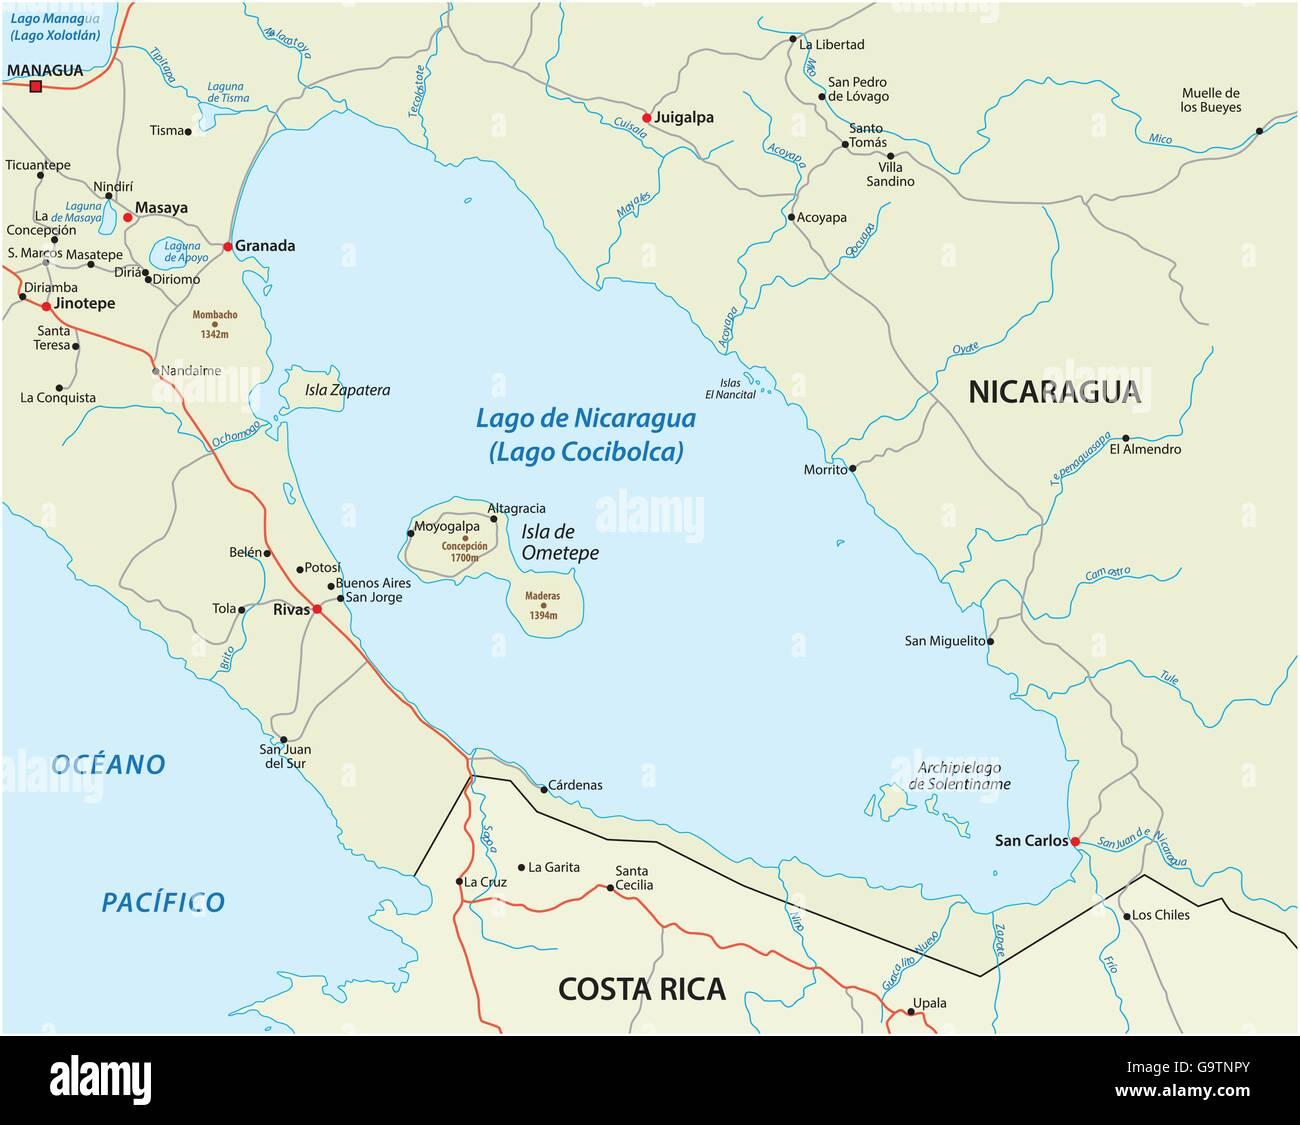 Nicaragua Map Stock Photos Nicaragua Map Stock Images Alamy - Map of nicaragua